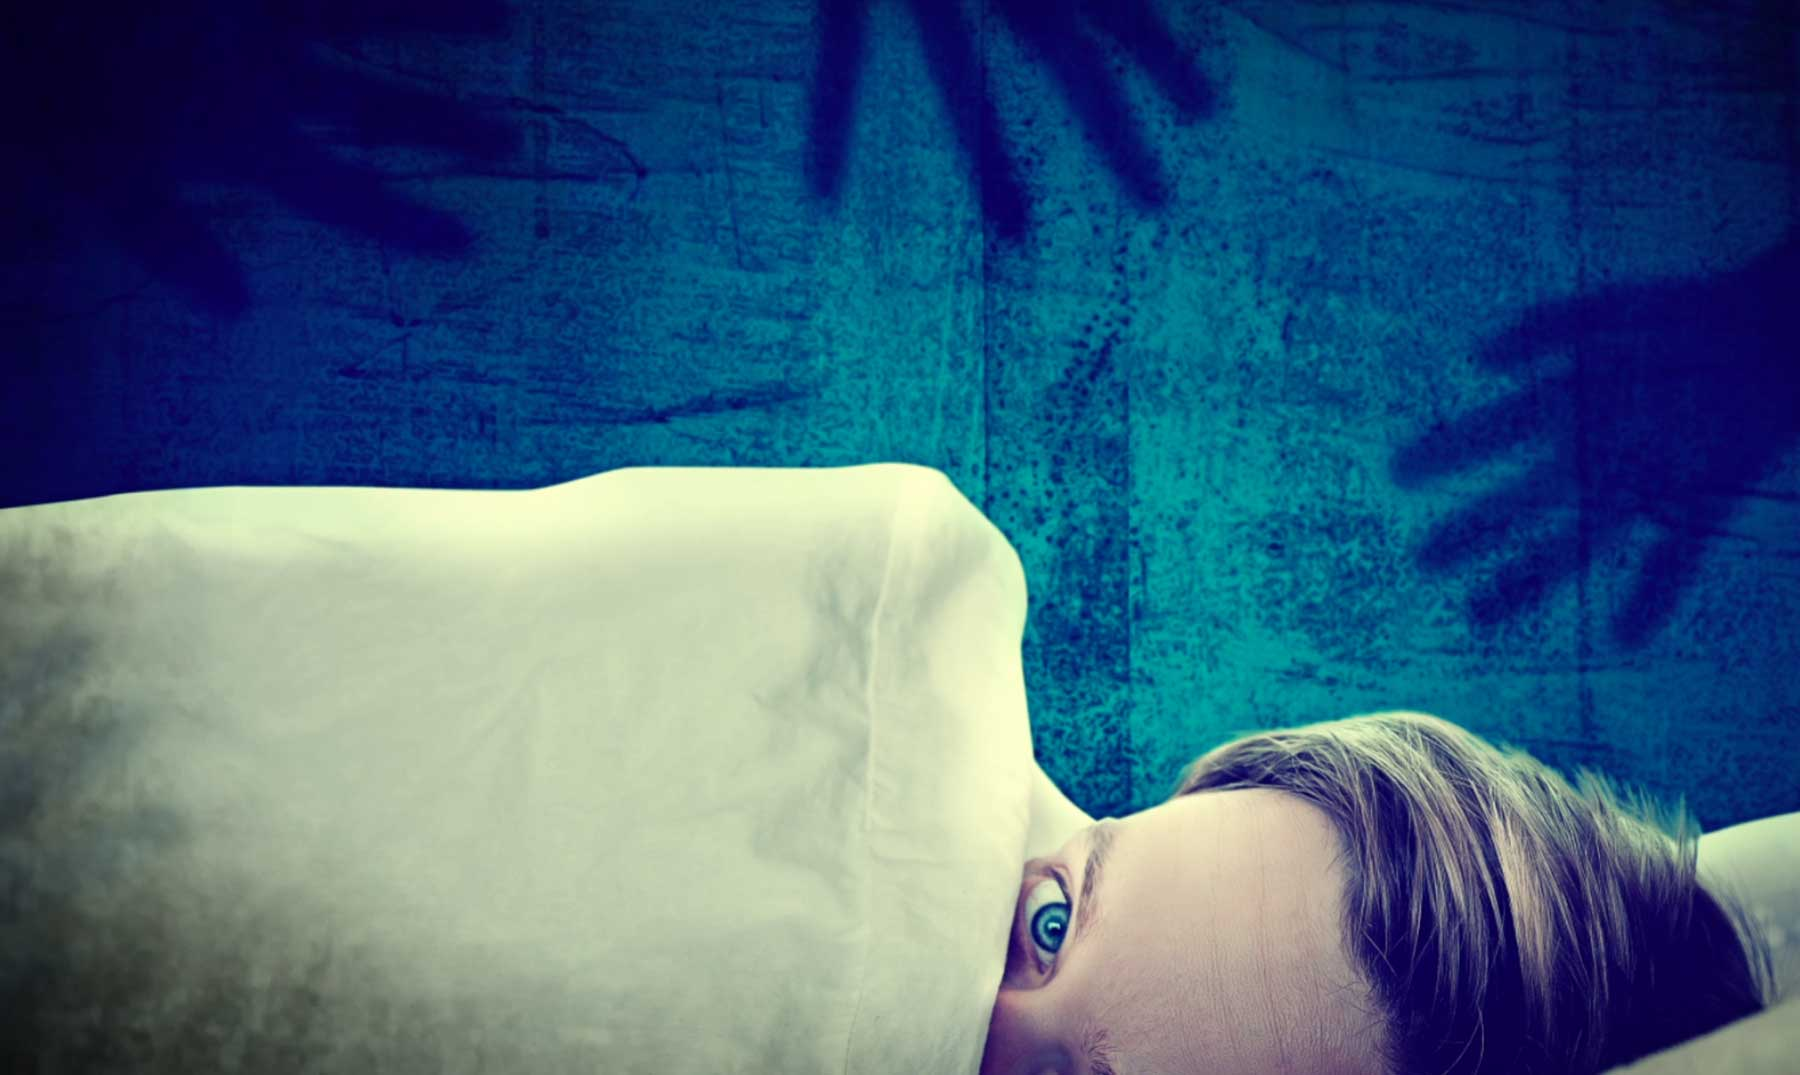 ¿Qué les quita el sueño a las mujeres?